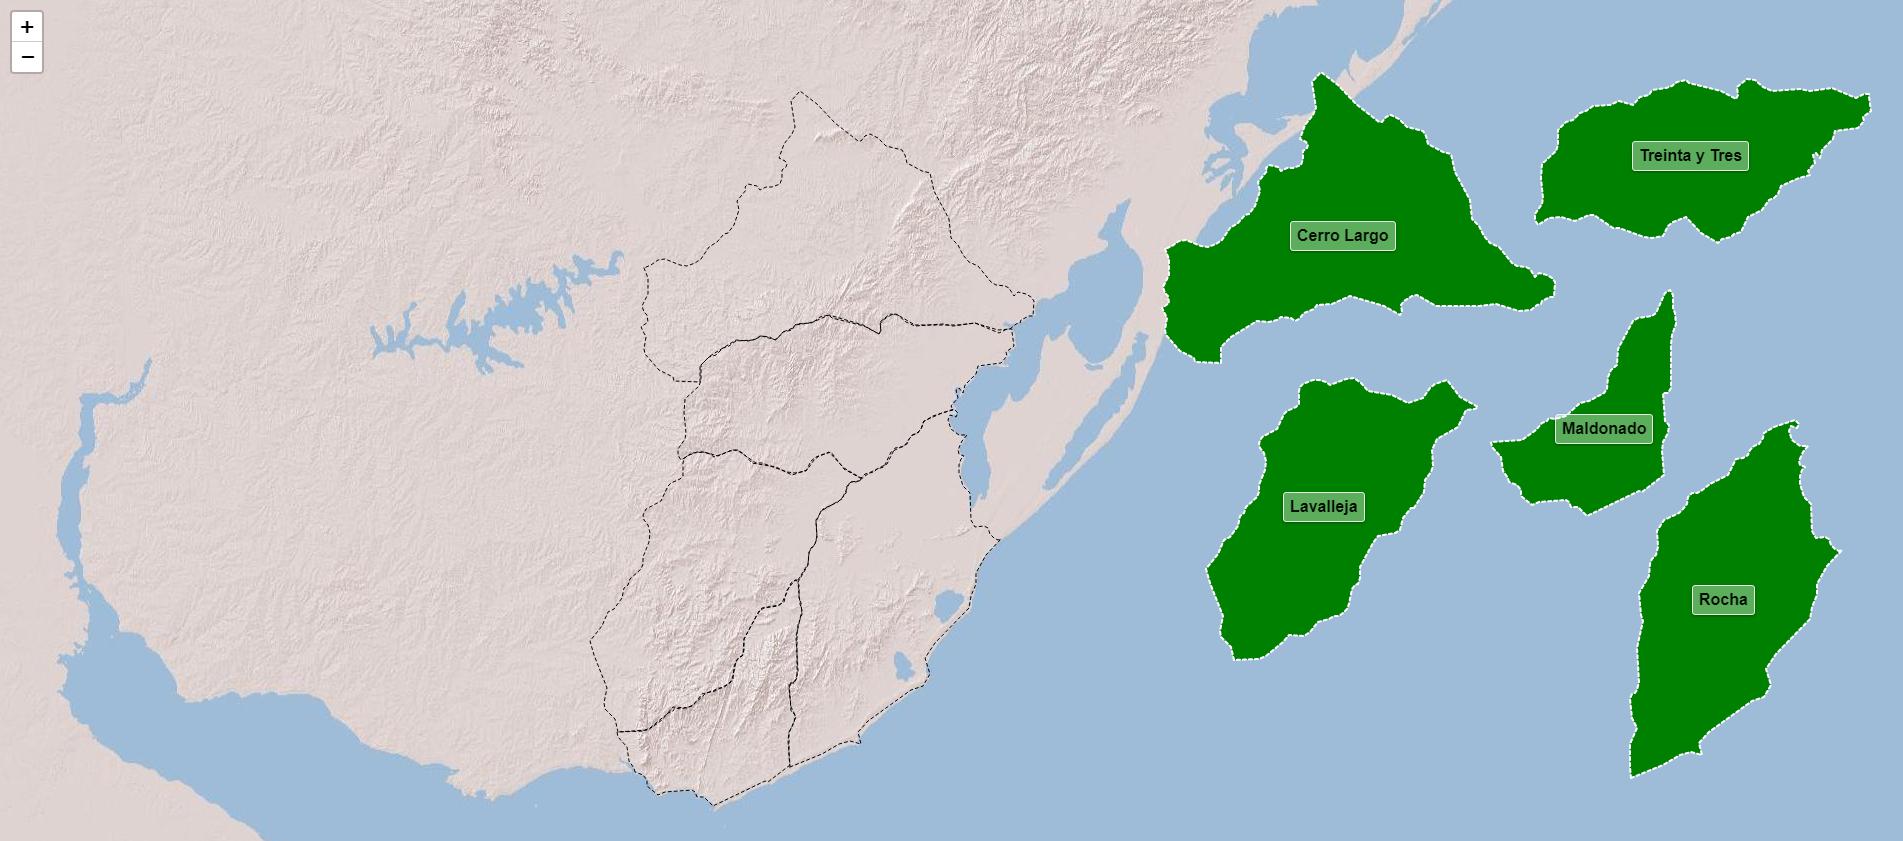 Dipartimenti della regione orientale dell'Uruguay